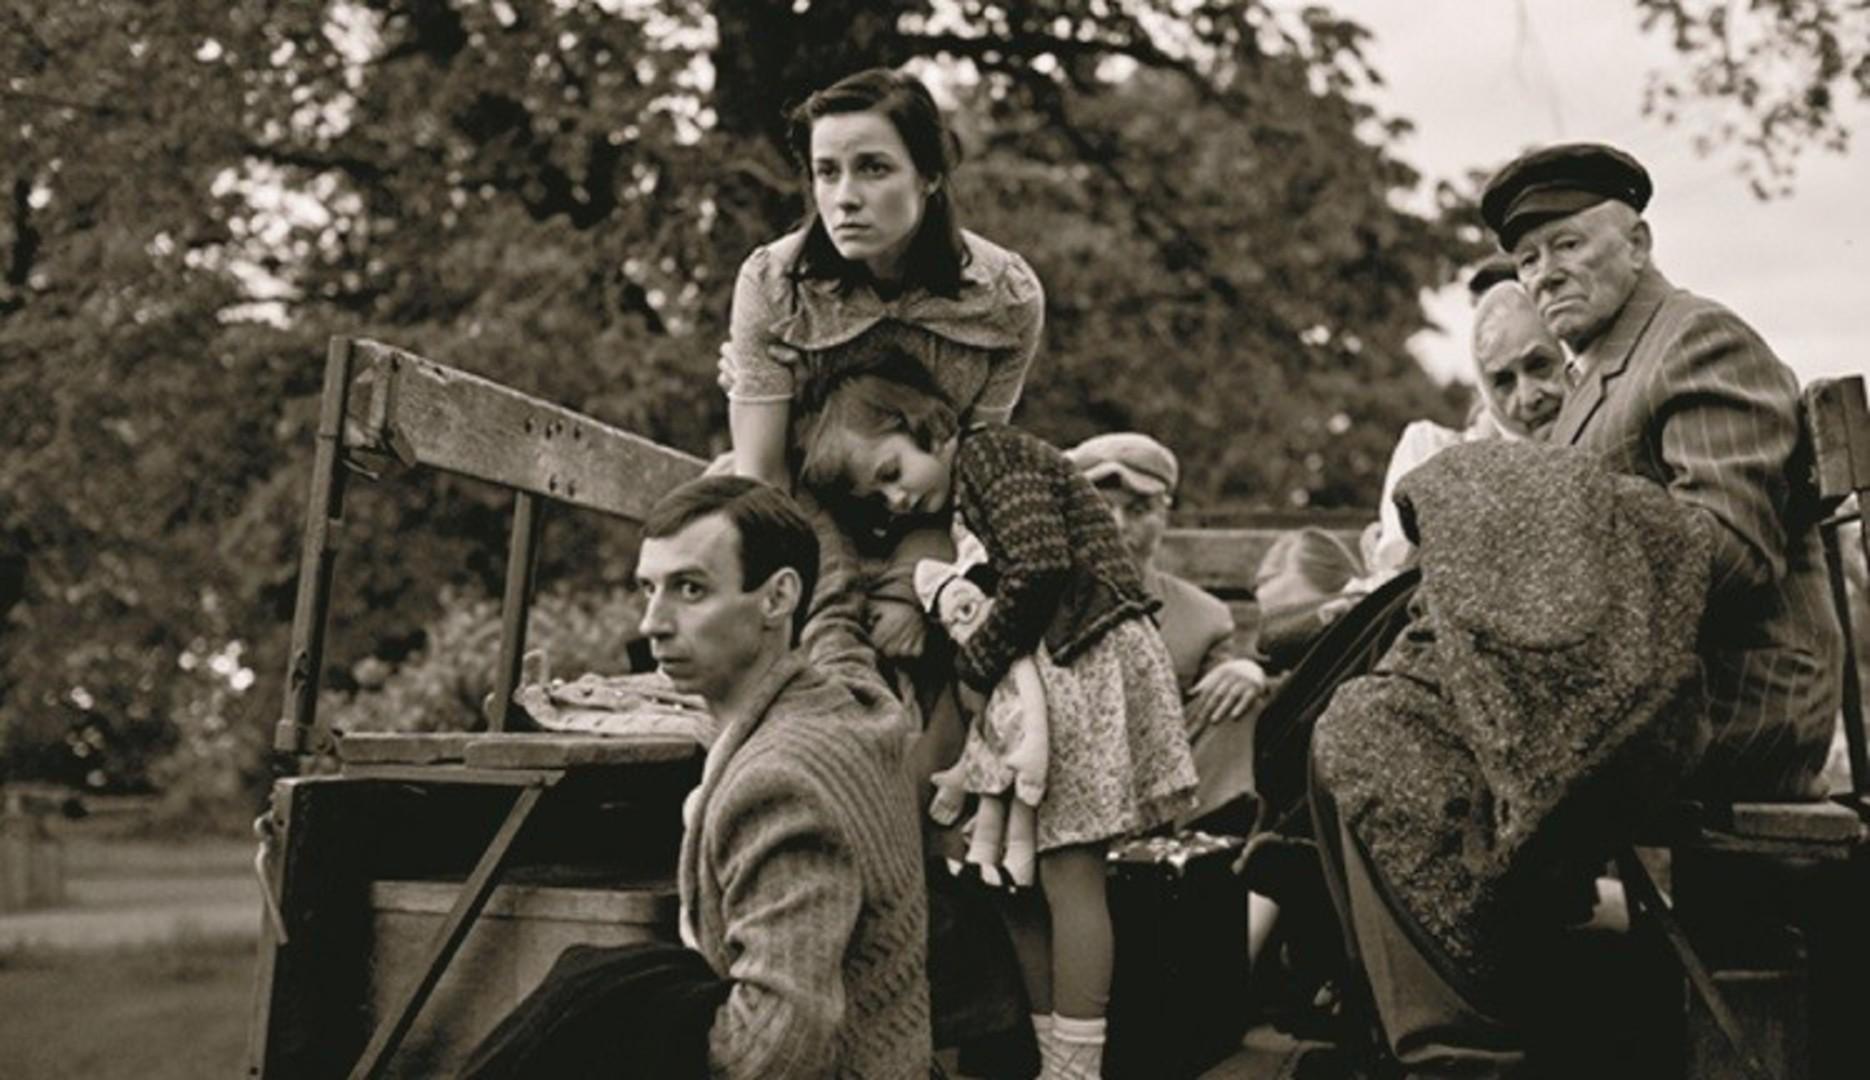 Na skrzyżowaniu wichrów (Risttuules), reż. Martti Helde